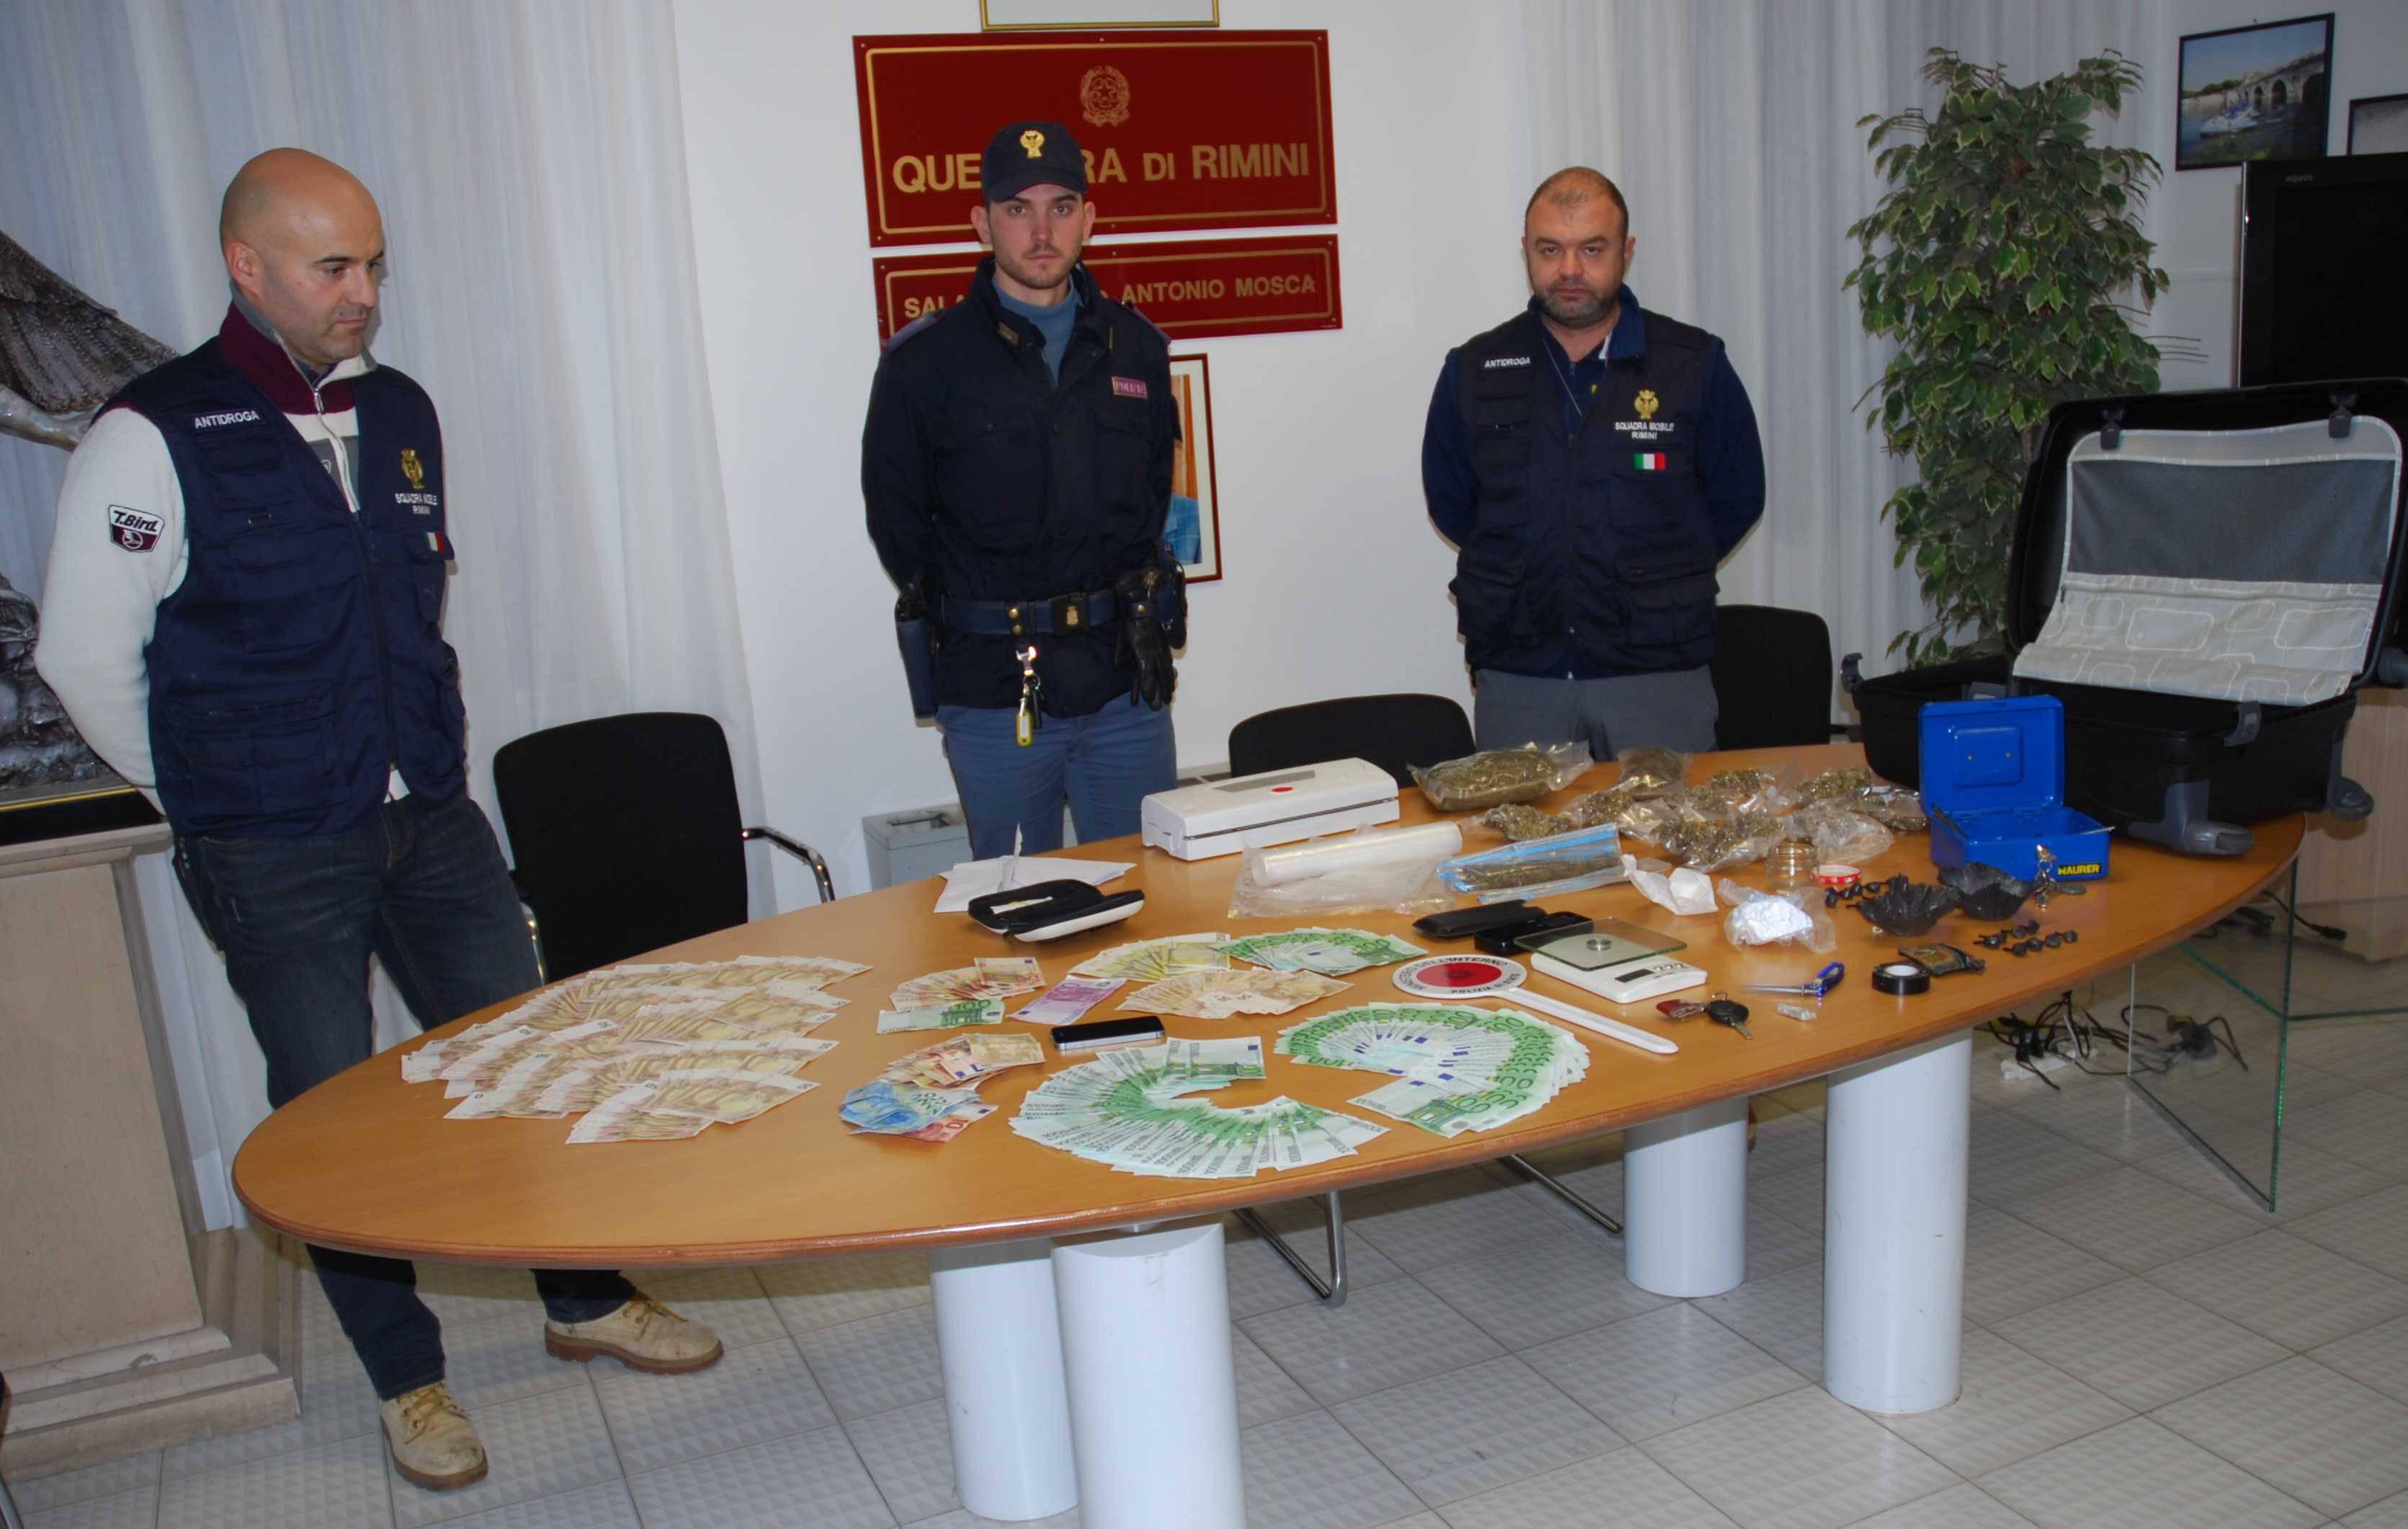 Operazione antidroga della Polizia. Un arresto, sequestrati due kg di cocaina e marijuana